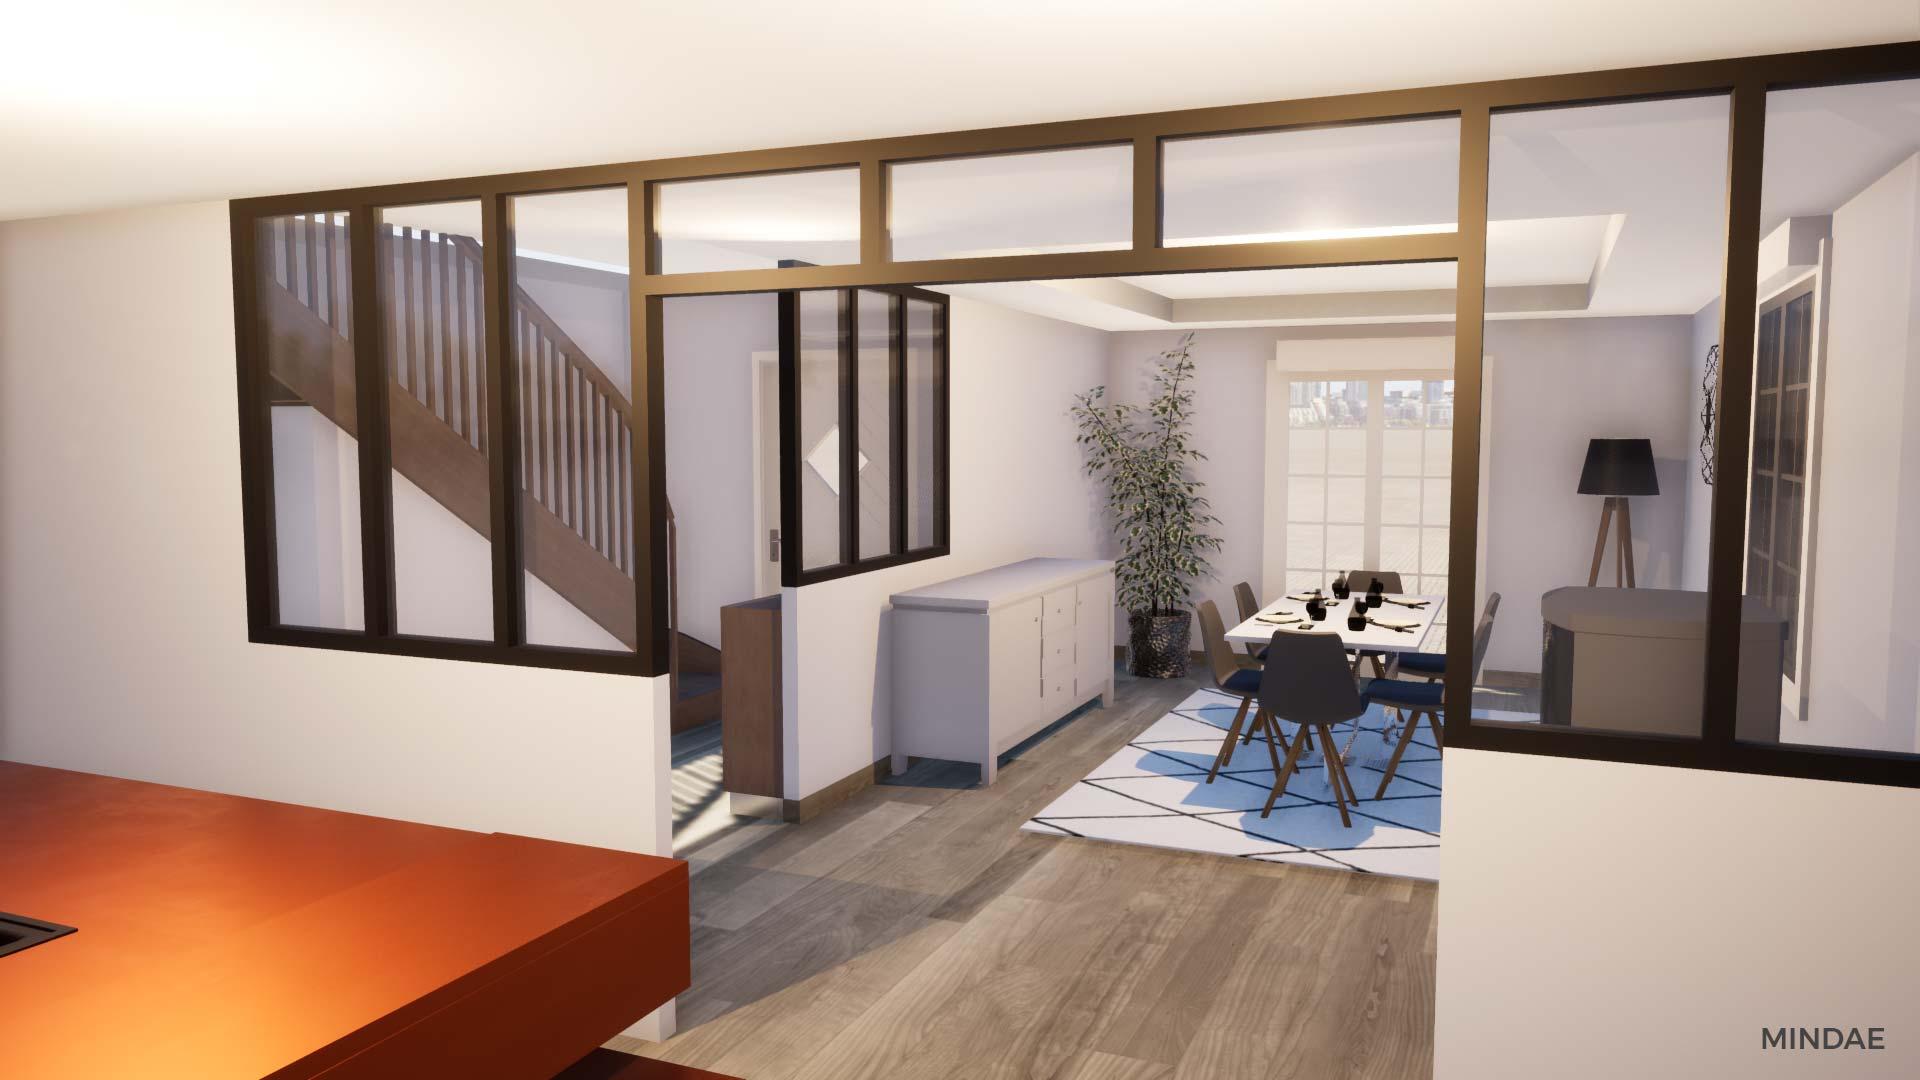 Mindae_3D_maison_salon_verriere_metal_test_agencement_design_cuisine_entree-(4)